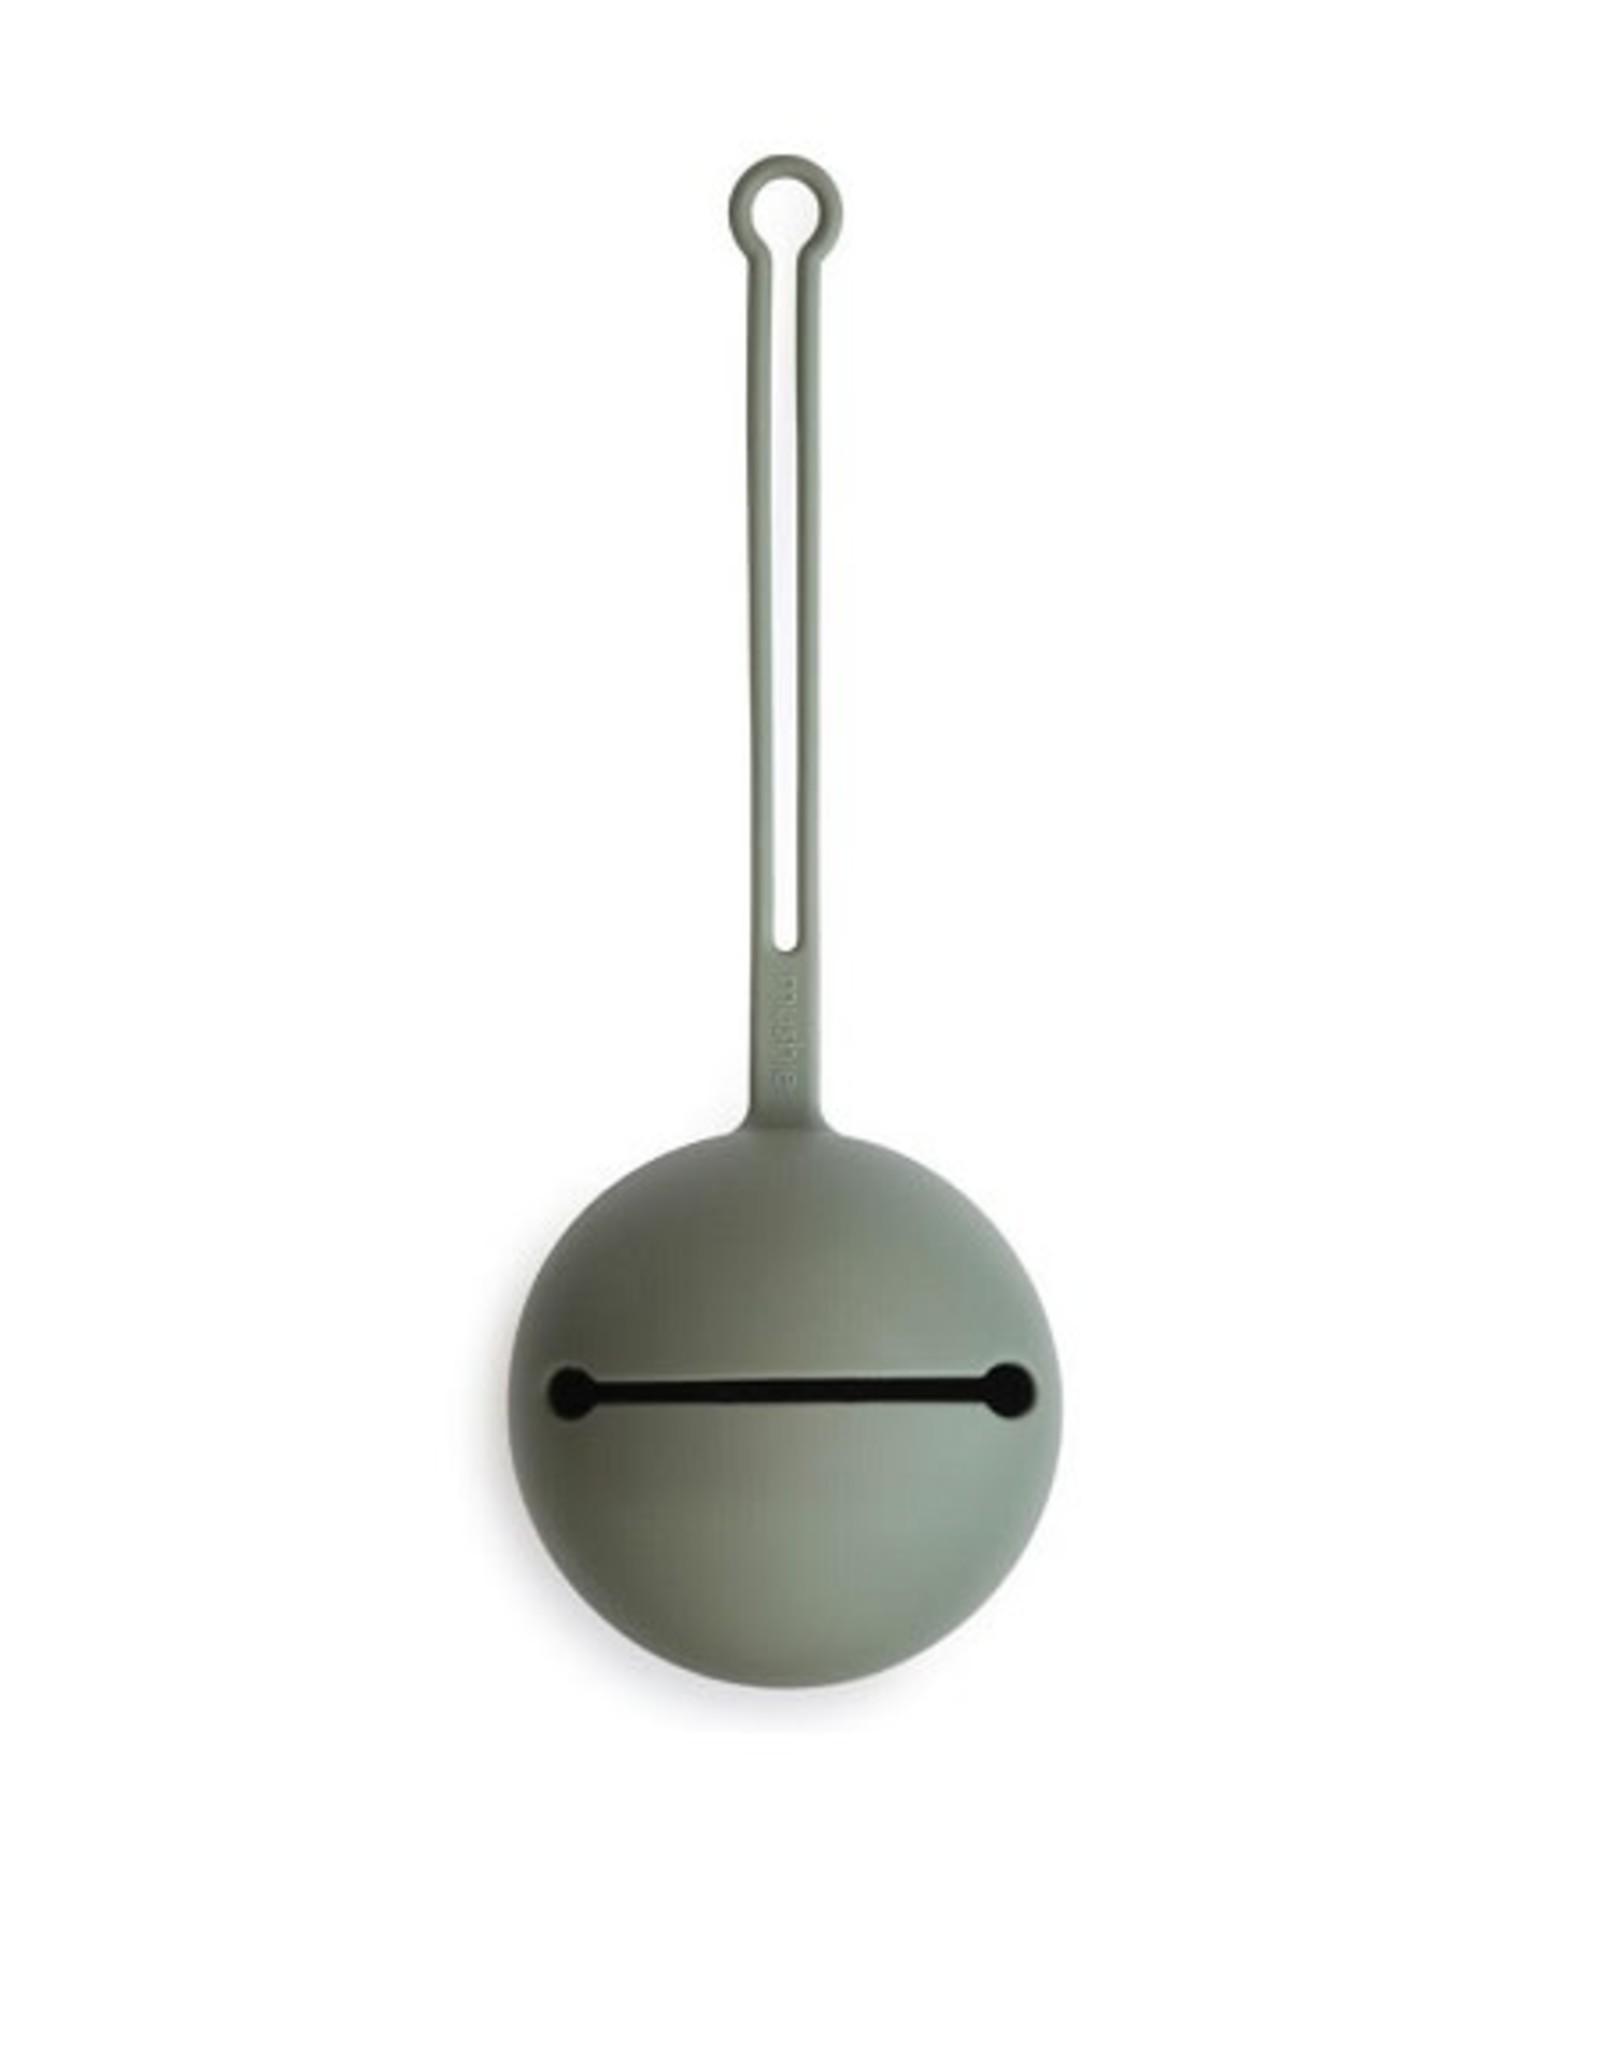 Bibs Bibs siliconen pacifier case /tutdoosje